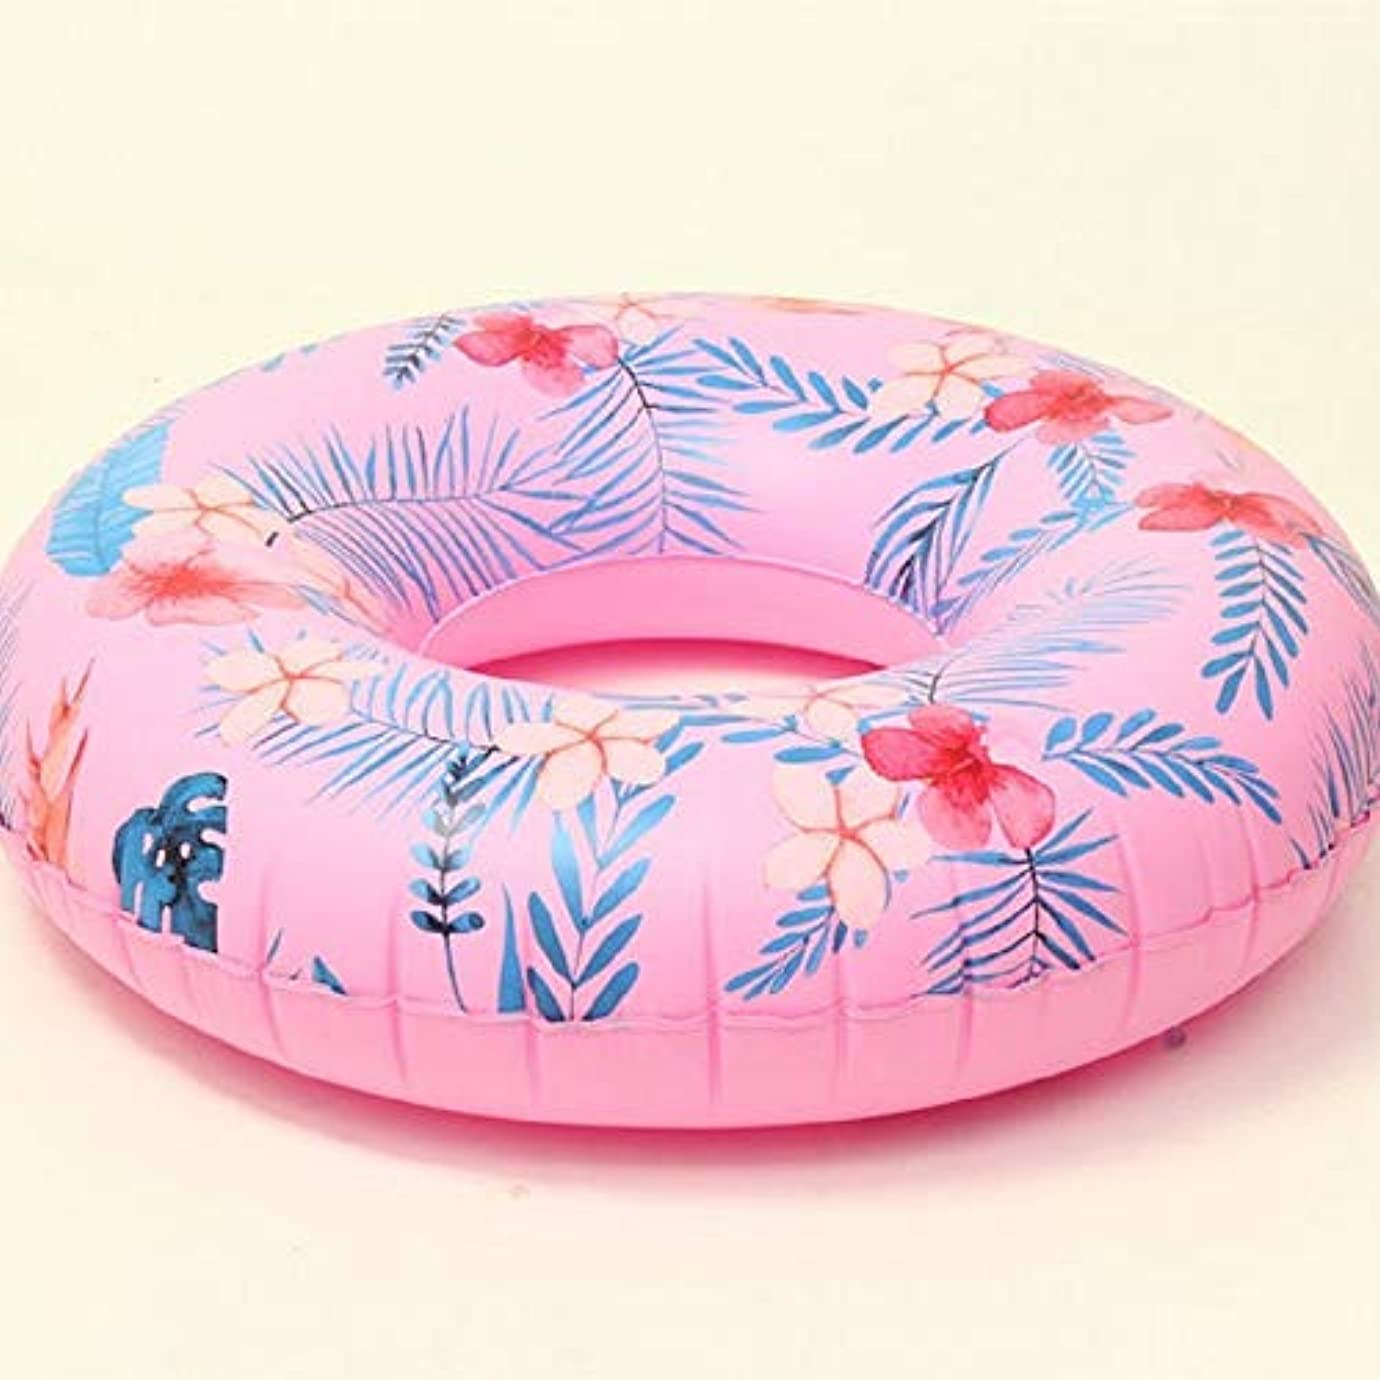 の量排出解任Hafraga 大人のピンクの縞模様の水泳リングインフレータブル水泳リング肥厚PVC素材スイミングプール大人の水フロートリング安全リングは丈夫ですスイミングビーチウォーターゲーム入浴スイミング補助玩具 Professional after sales(売り上げ後の専門家) (Color : Pink)